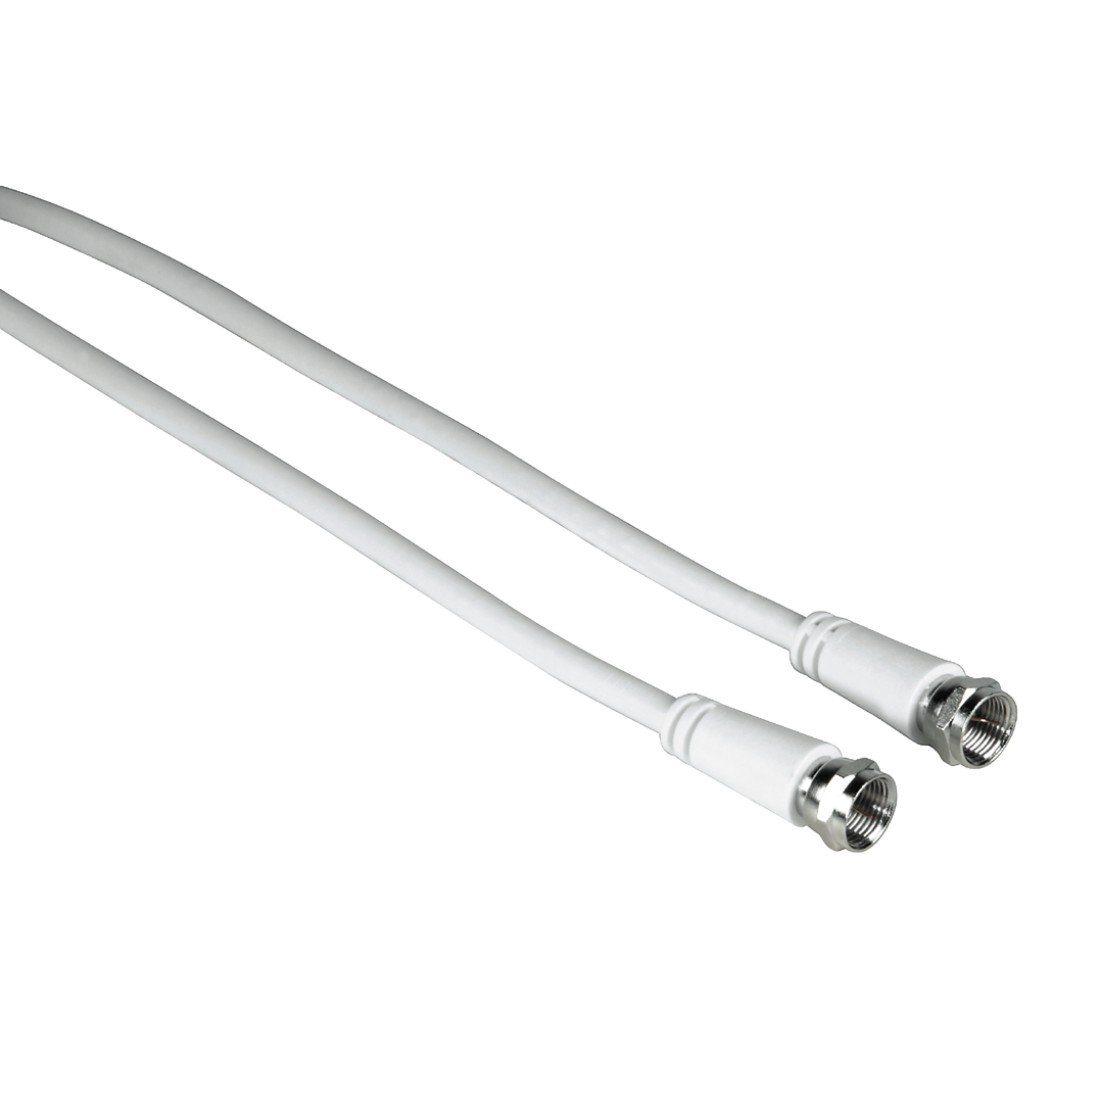 Exxter SAT-Anschlusskabel F-Stecker - F-Stecker, 3 m